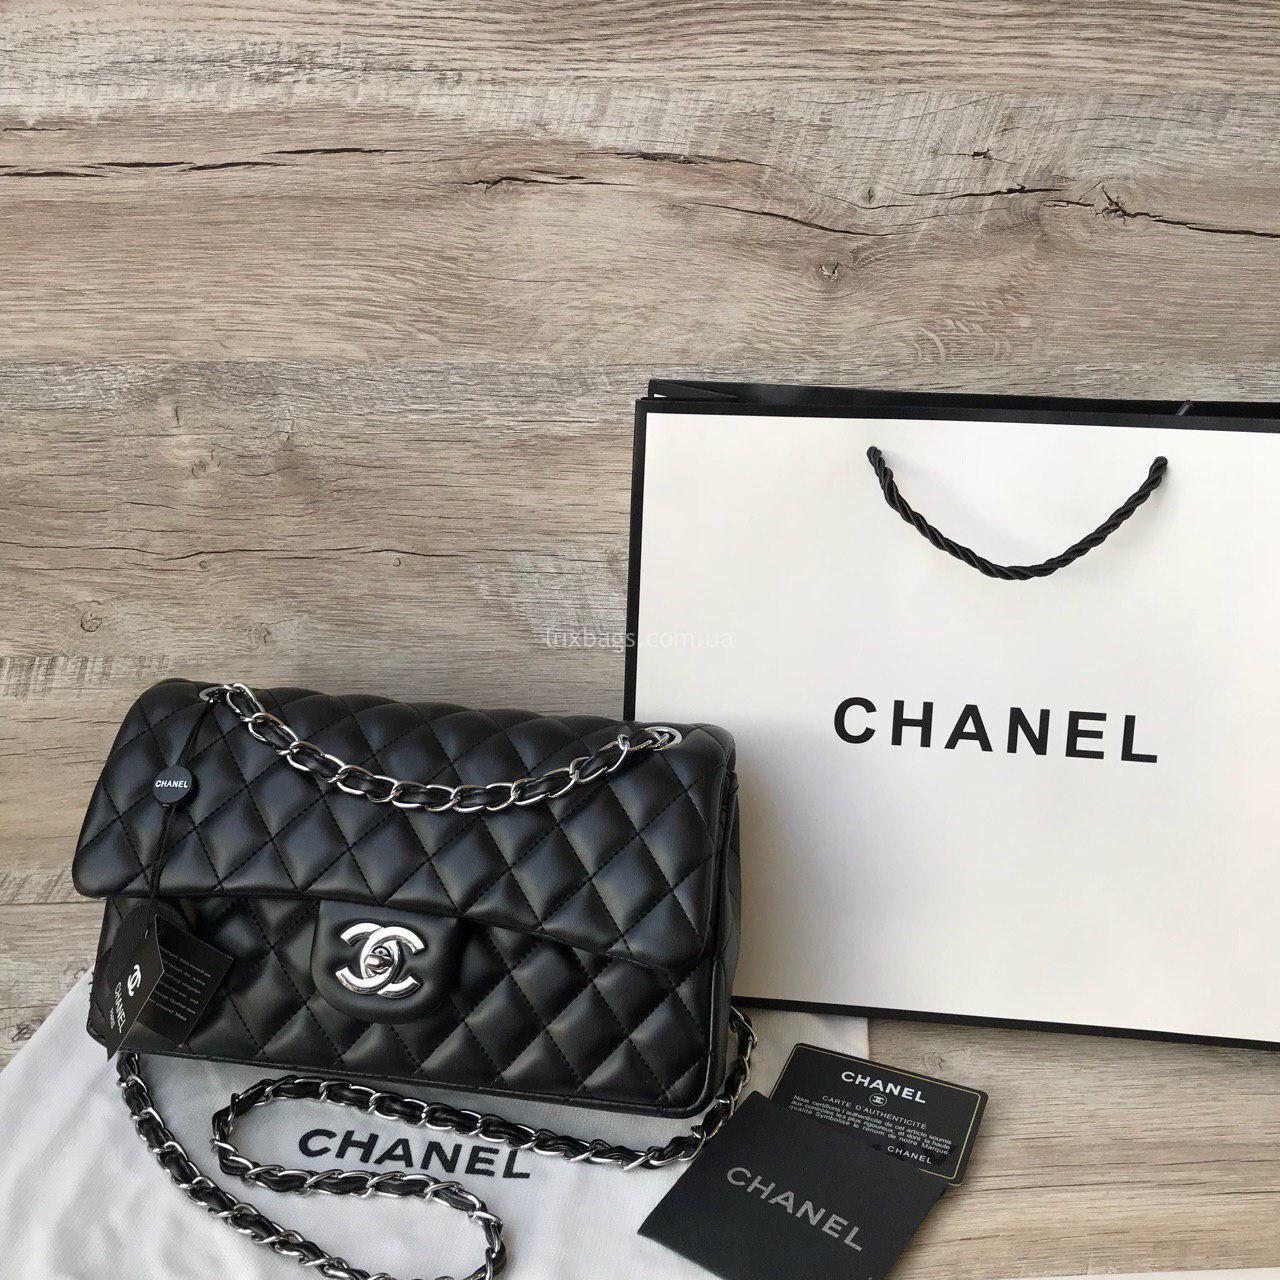 c8542c8f9469 Женская сумка Chanel (Шанель) купить на lux-bags